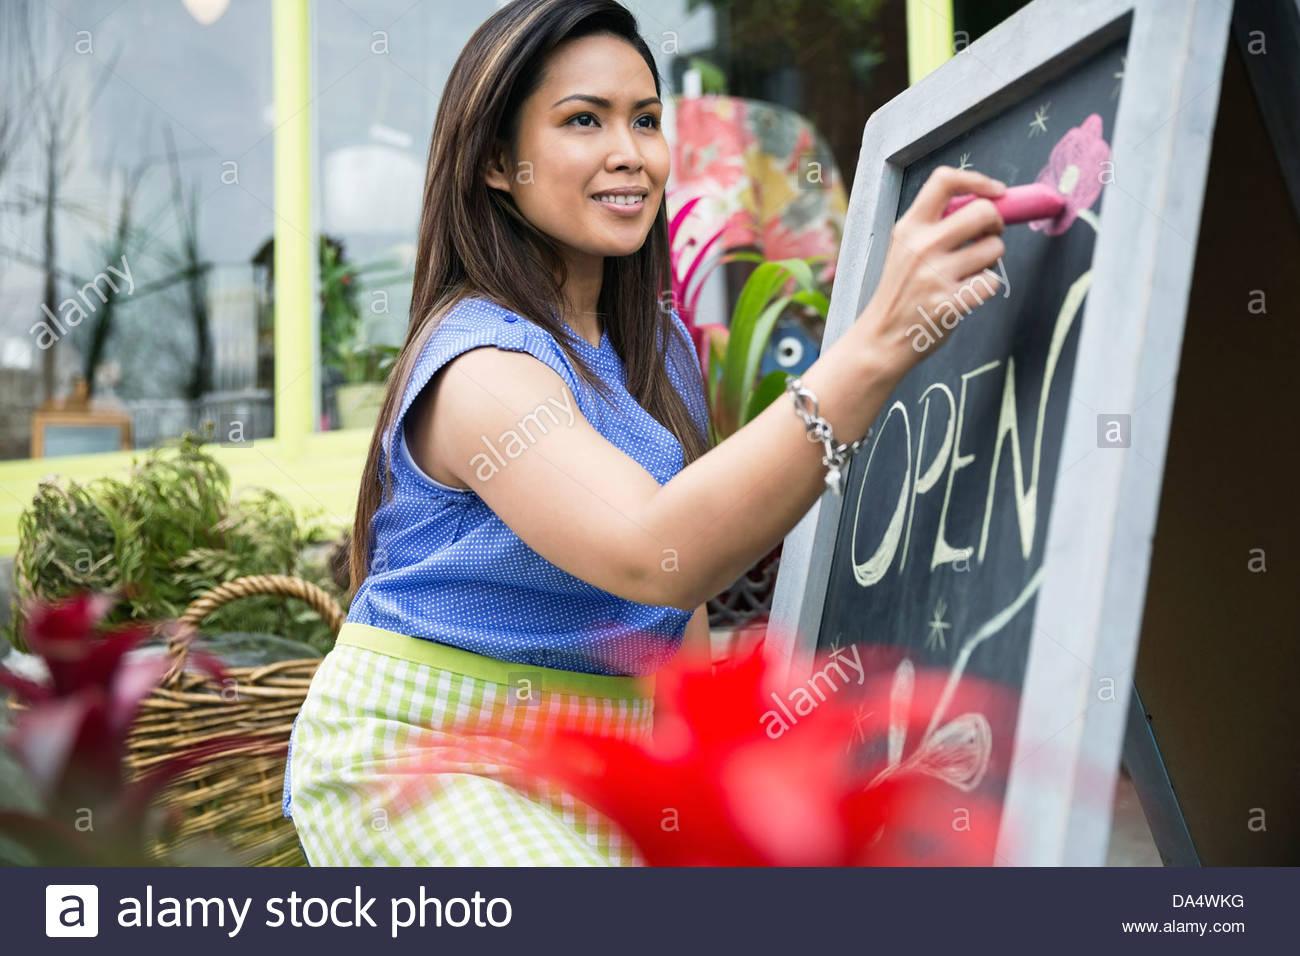 Female florist drawing open sign on blackboard outside flower shop - Stock Image